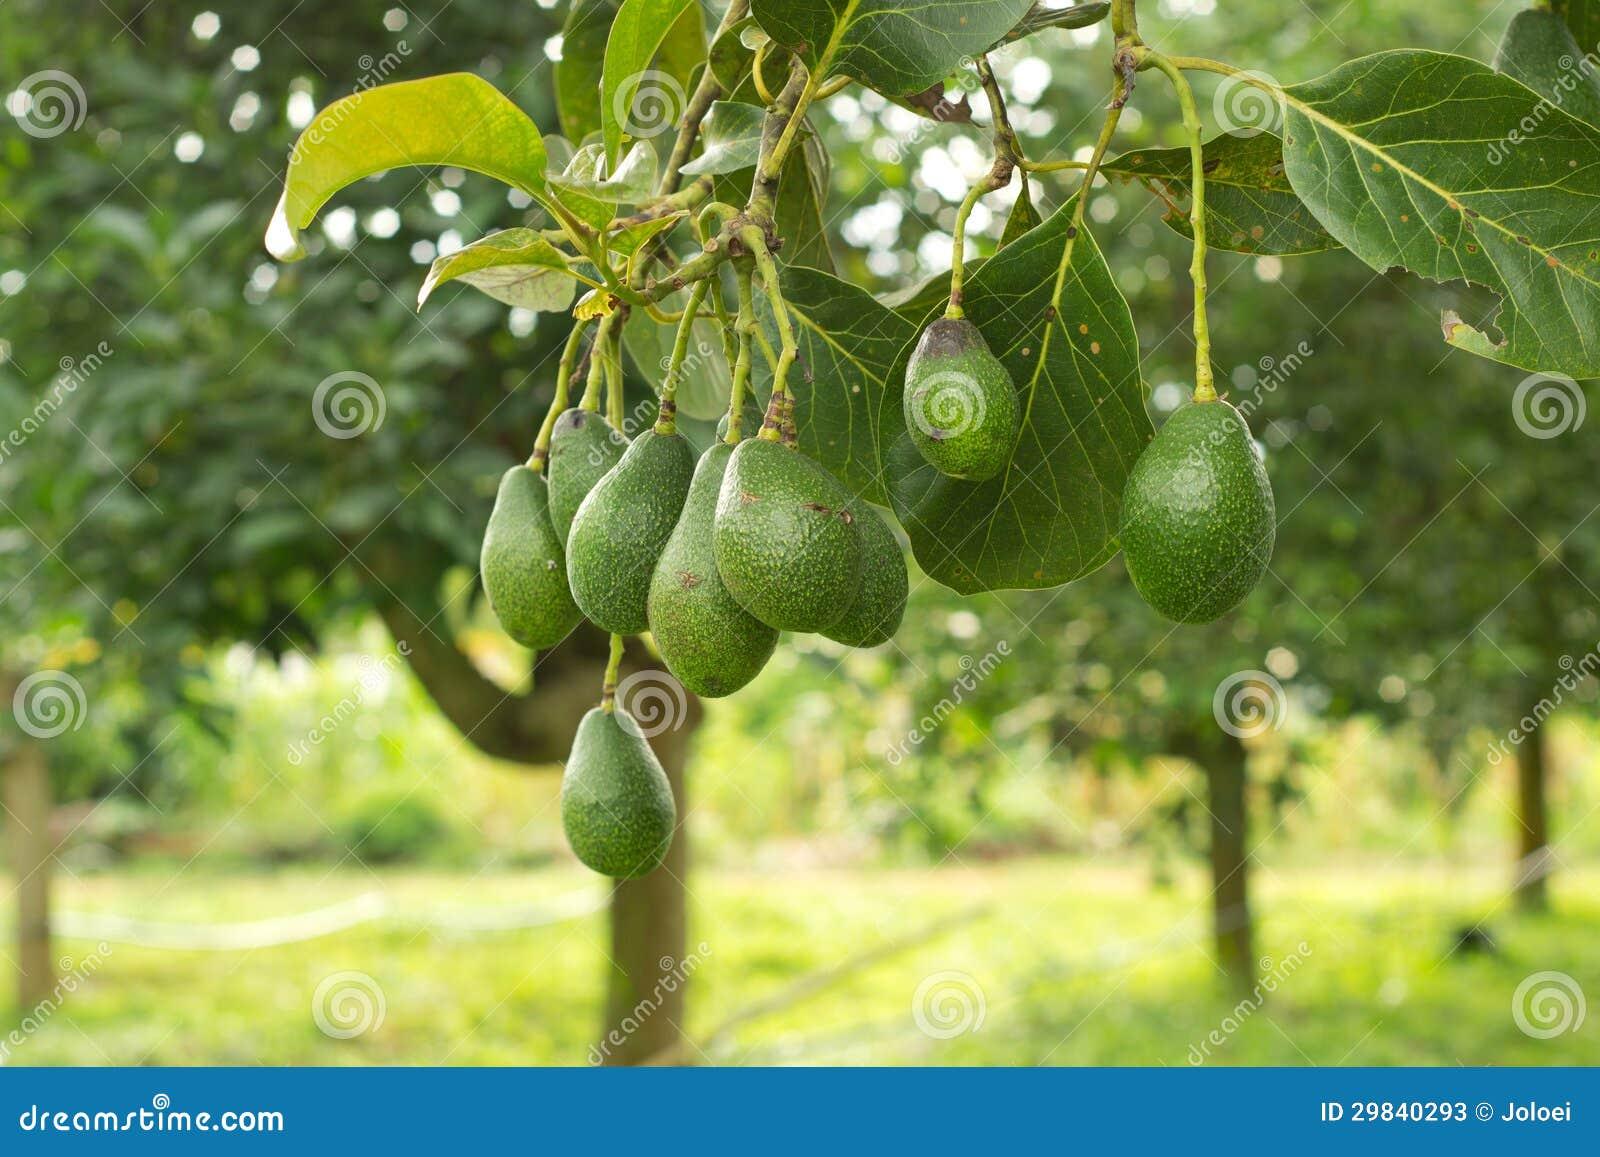 avocadobaum stockbild bild von organisch bestandteil 29840293. Black Bedroom Furniture Sets. Home Design Ideas